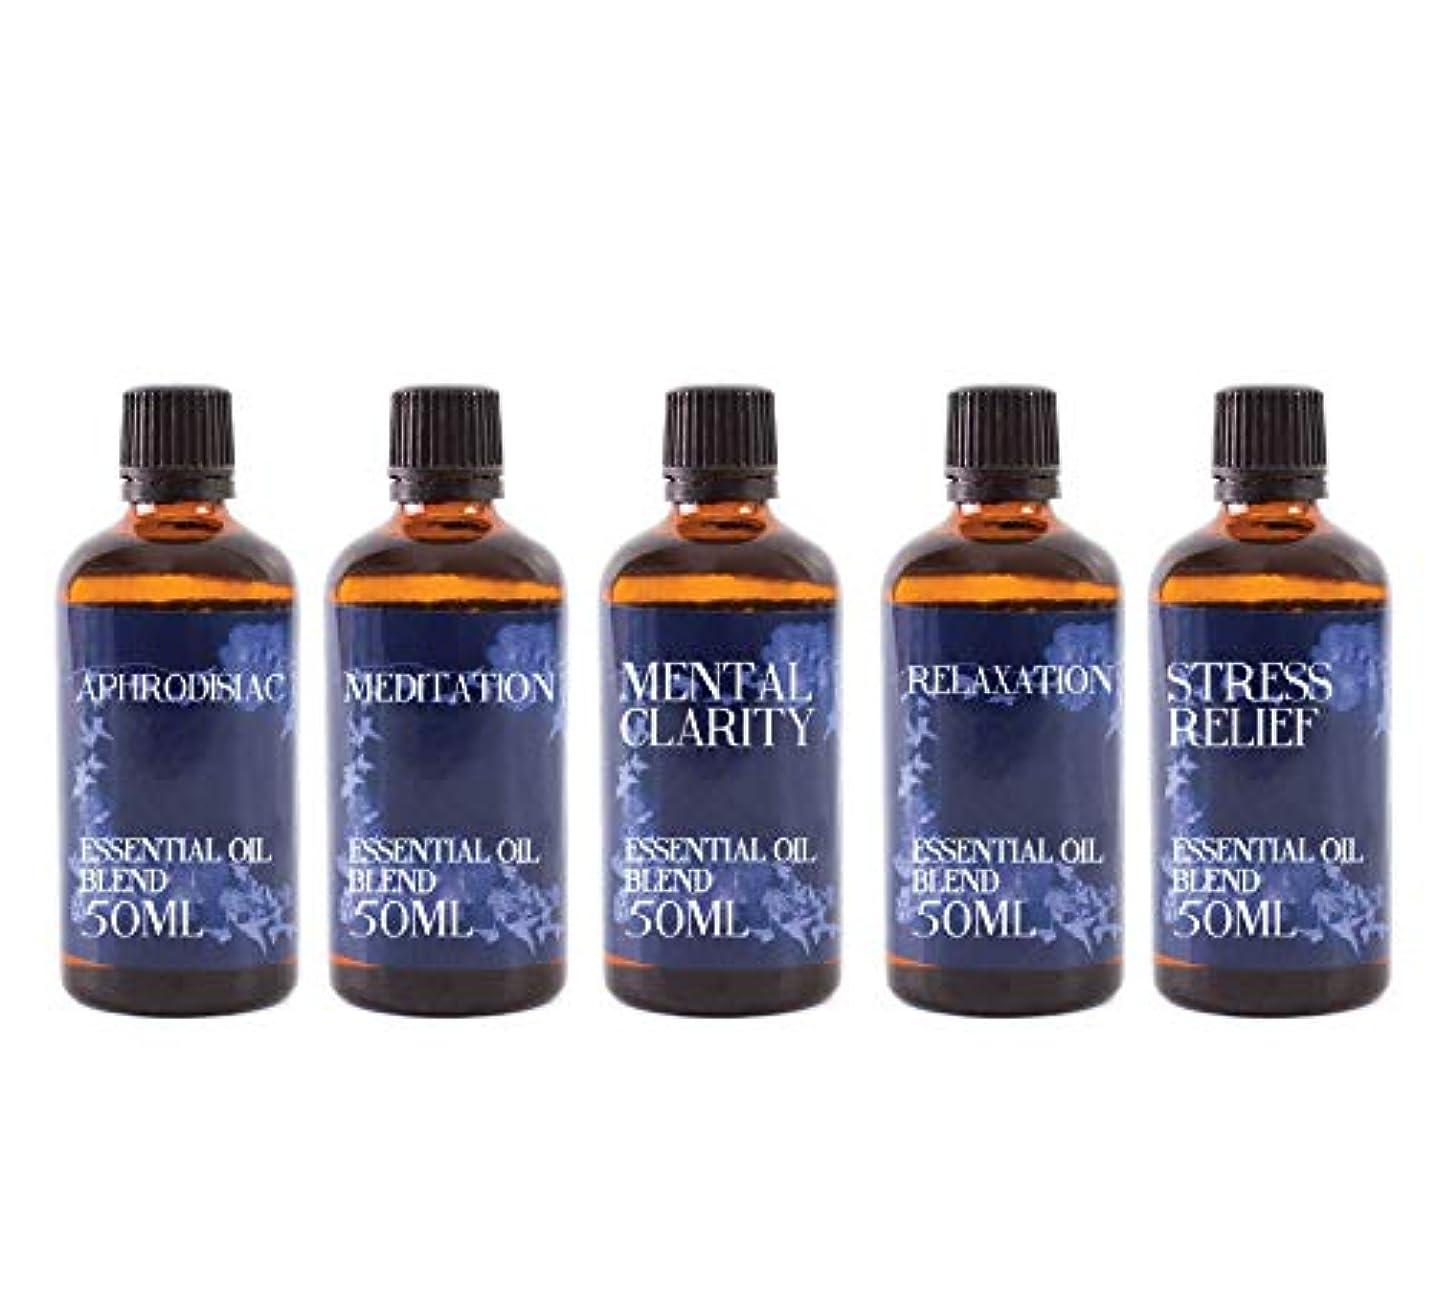 団結する同等のびっくりするMystix London | Gift Starter Pack of 5 x 50ml - Modern Day Remedies - Essential Oil Blends